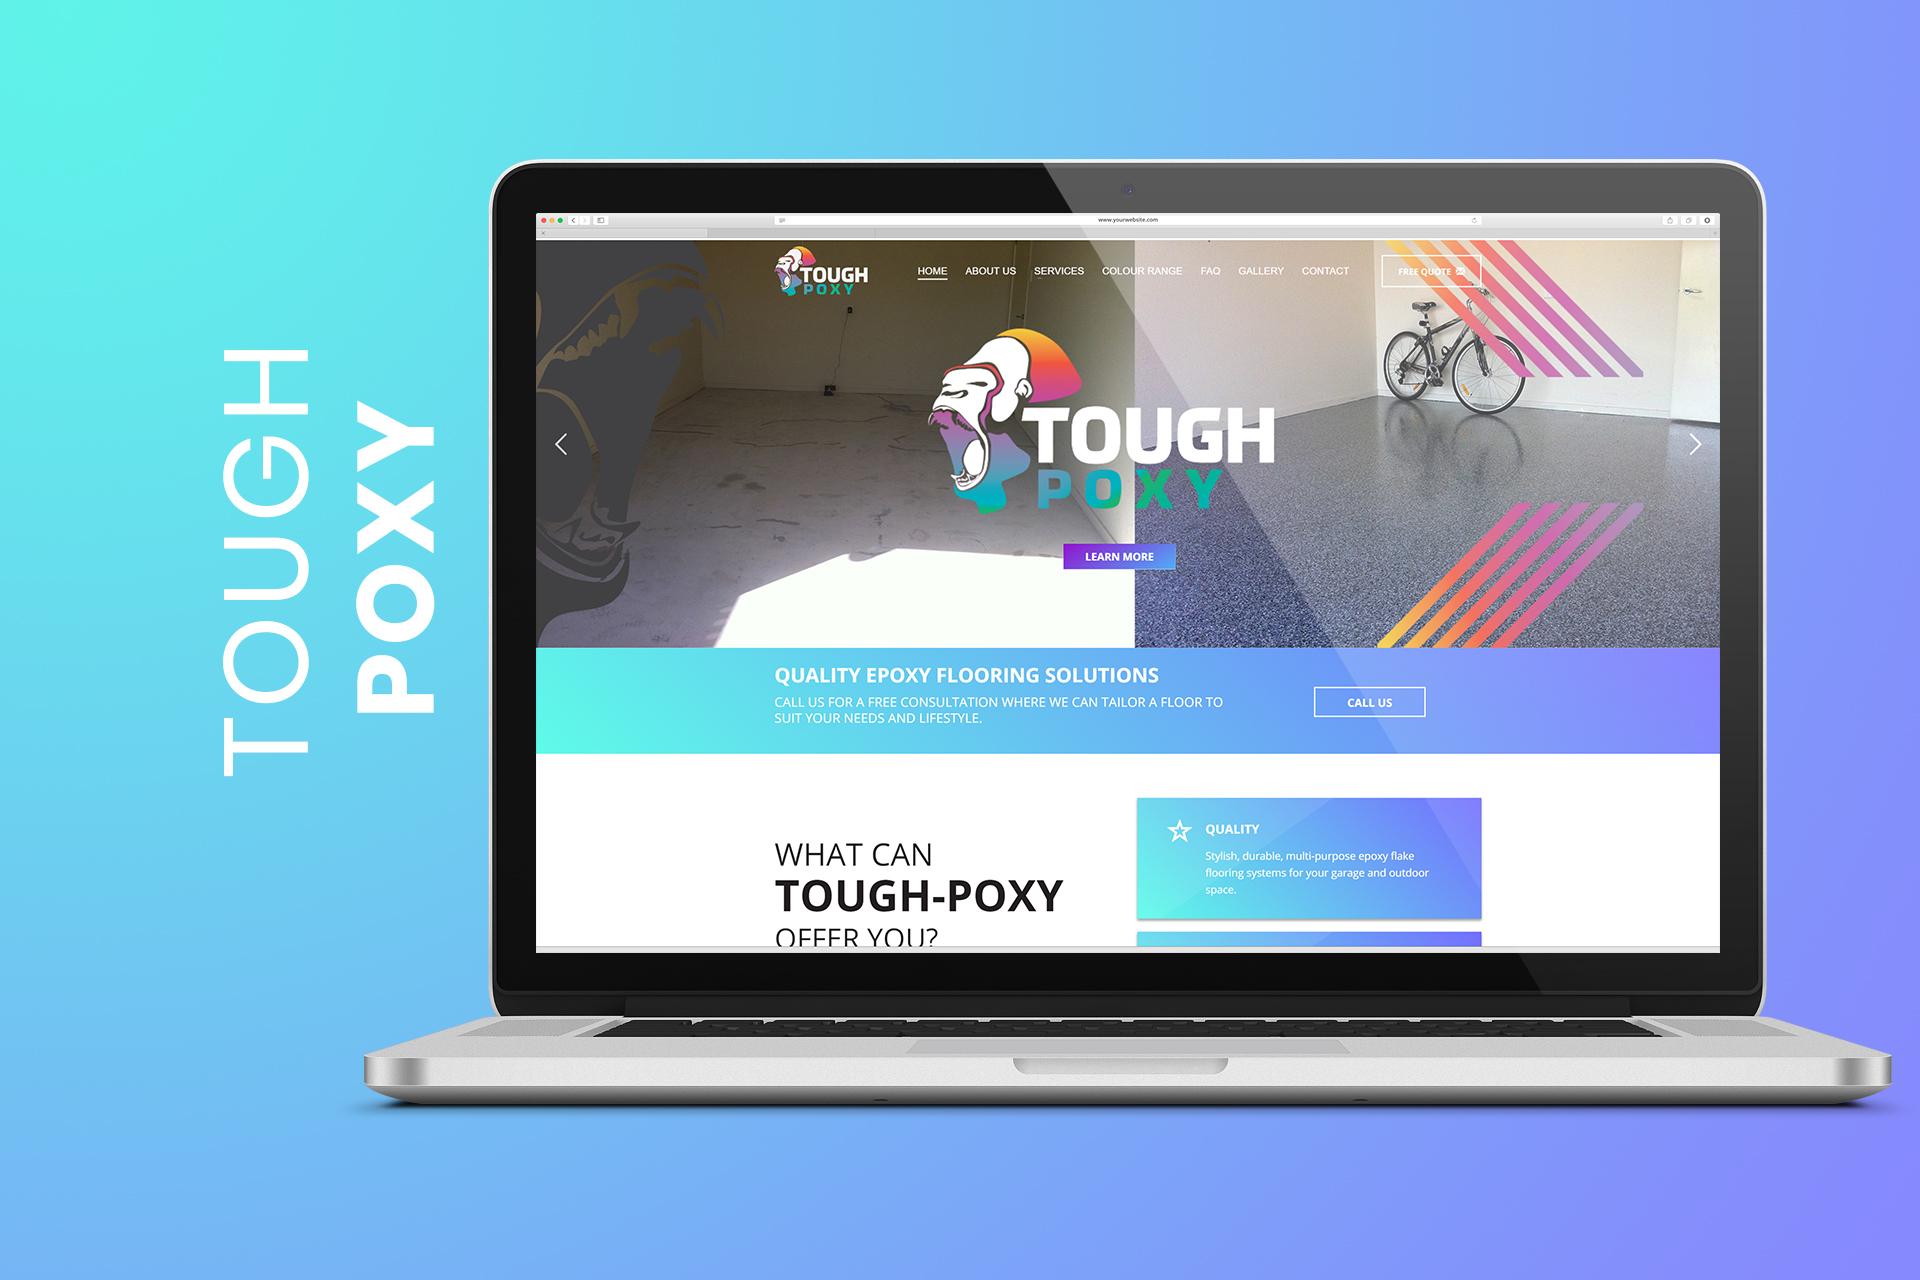 Tough Poxy